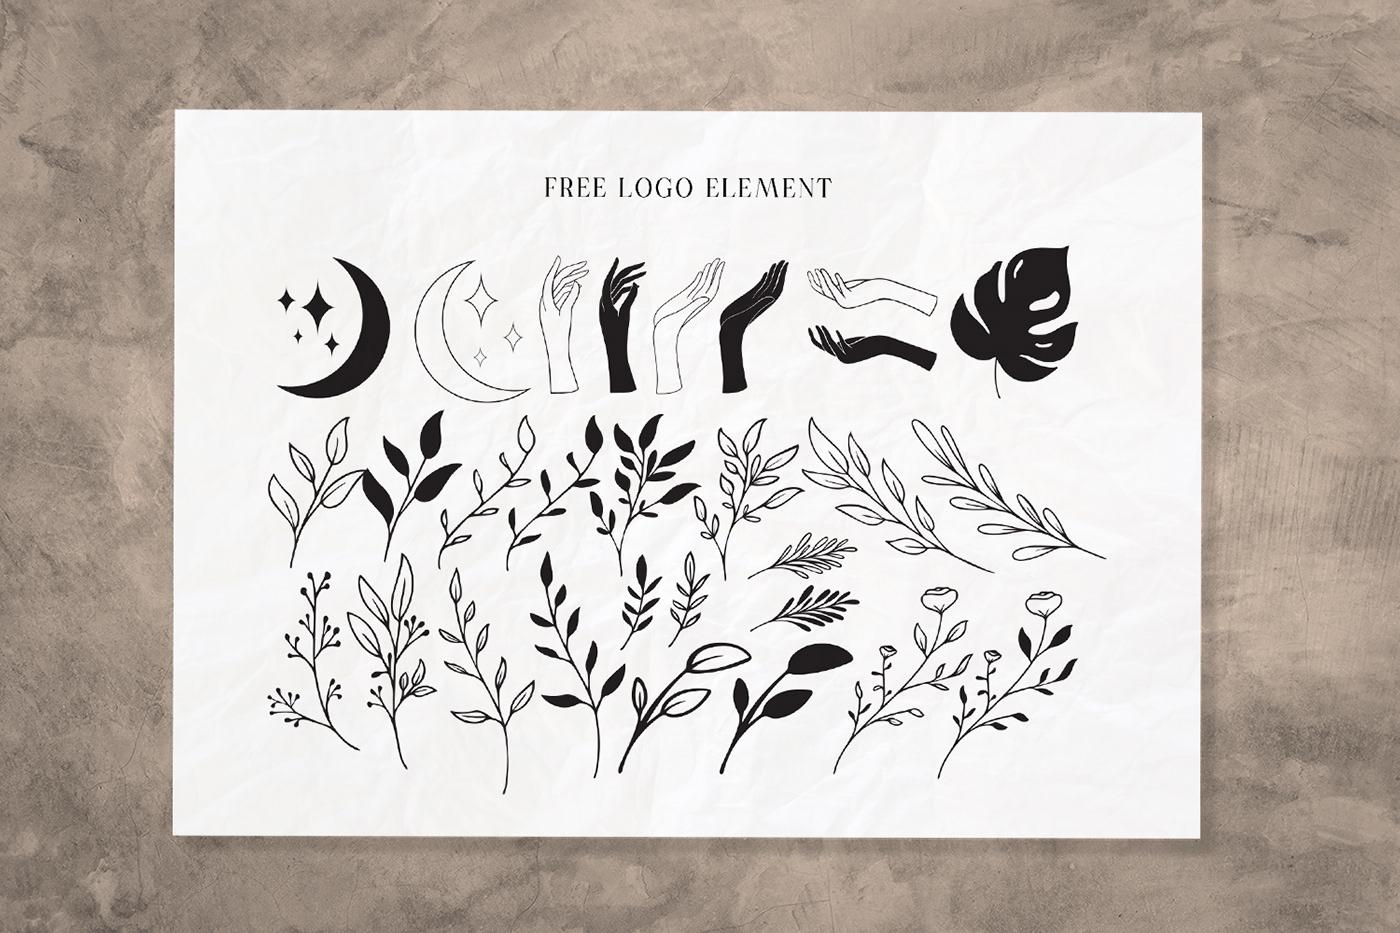 现代时尚连字海报标题徽标Logo设计衬线英文字体素材 Casanova Serif Display Font插图4